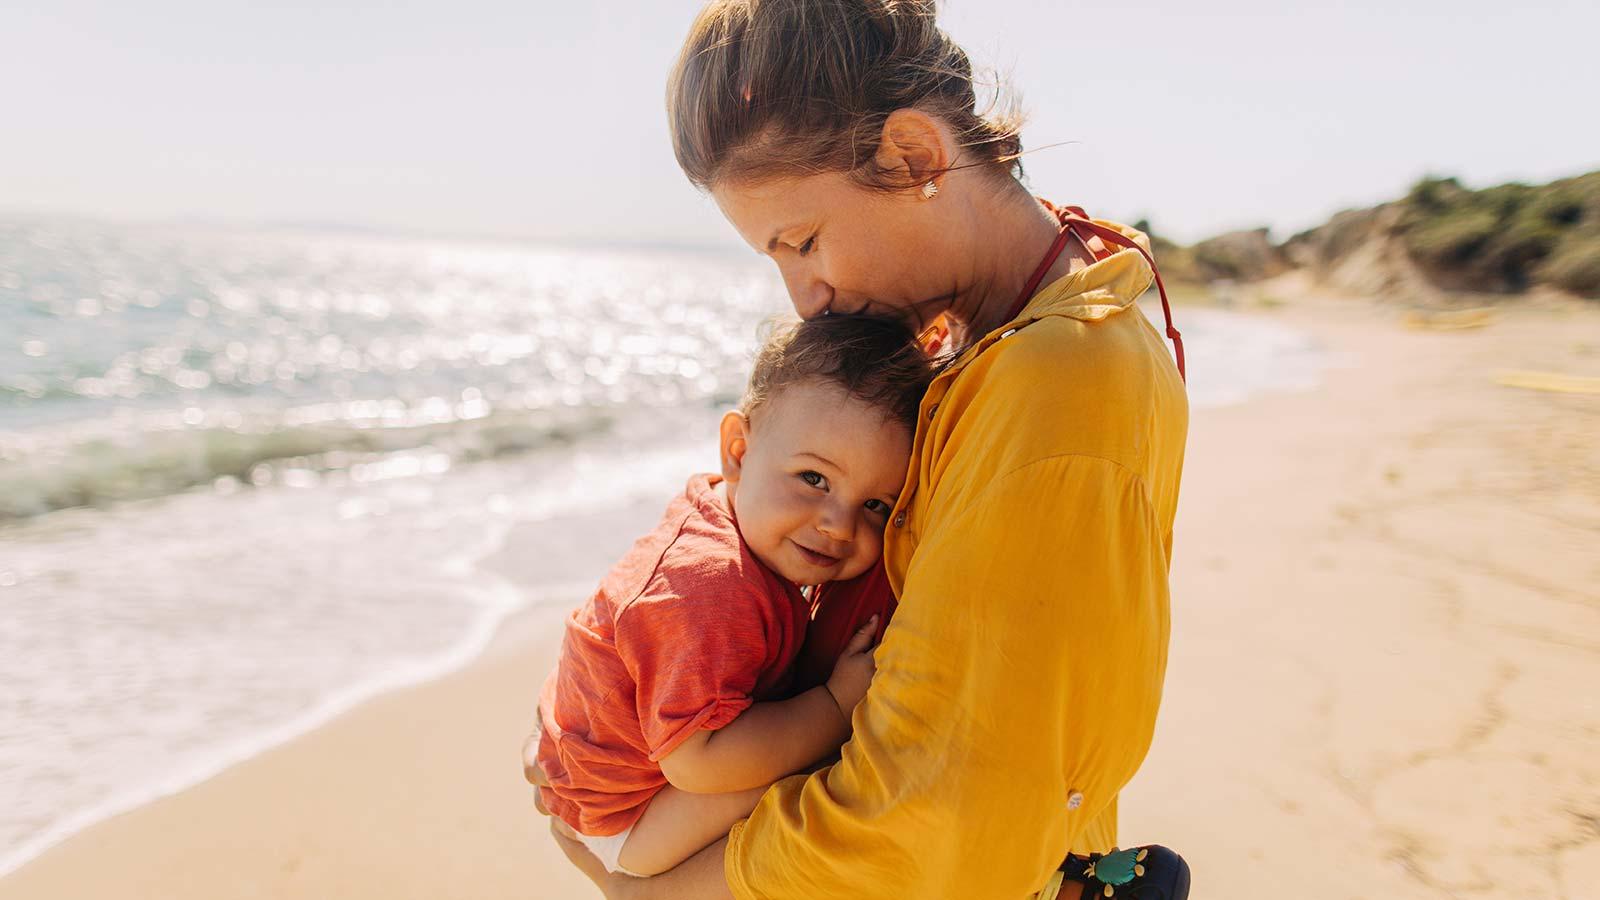 Partout dans le monde, des bébés en pleine forme sont conçus grâce au don de sperme